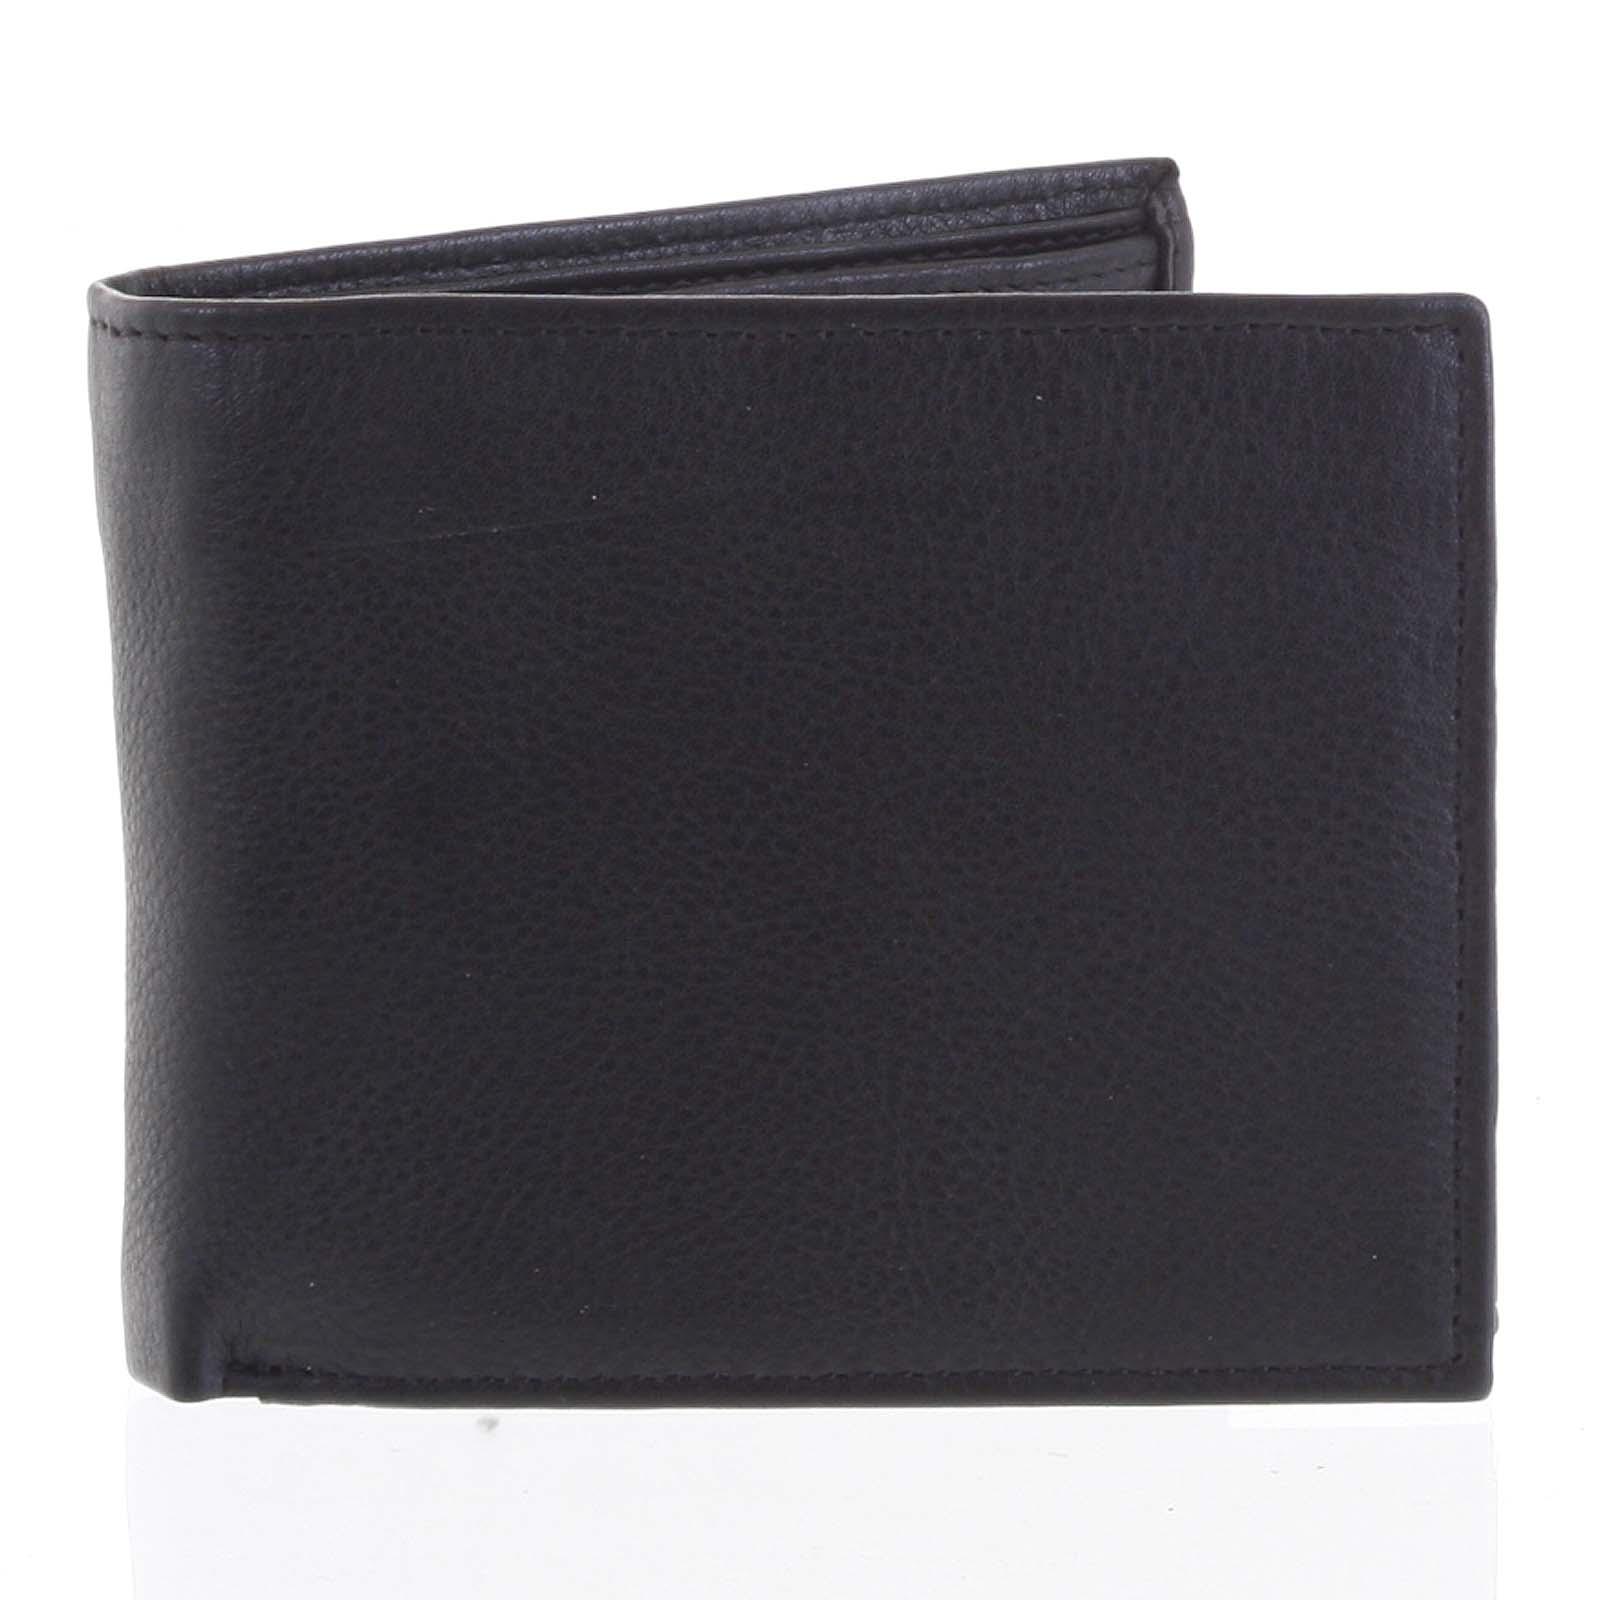 Prostorná pánská kožená černá peněženka - Tomas Vilaj černá